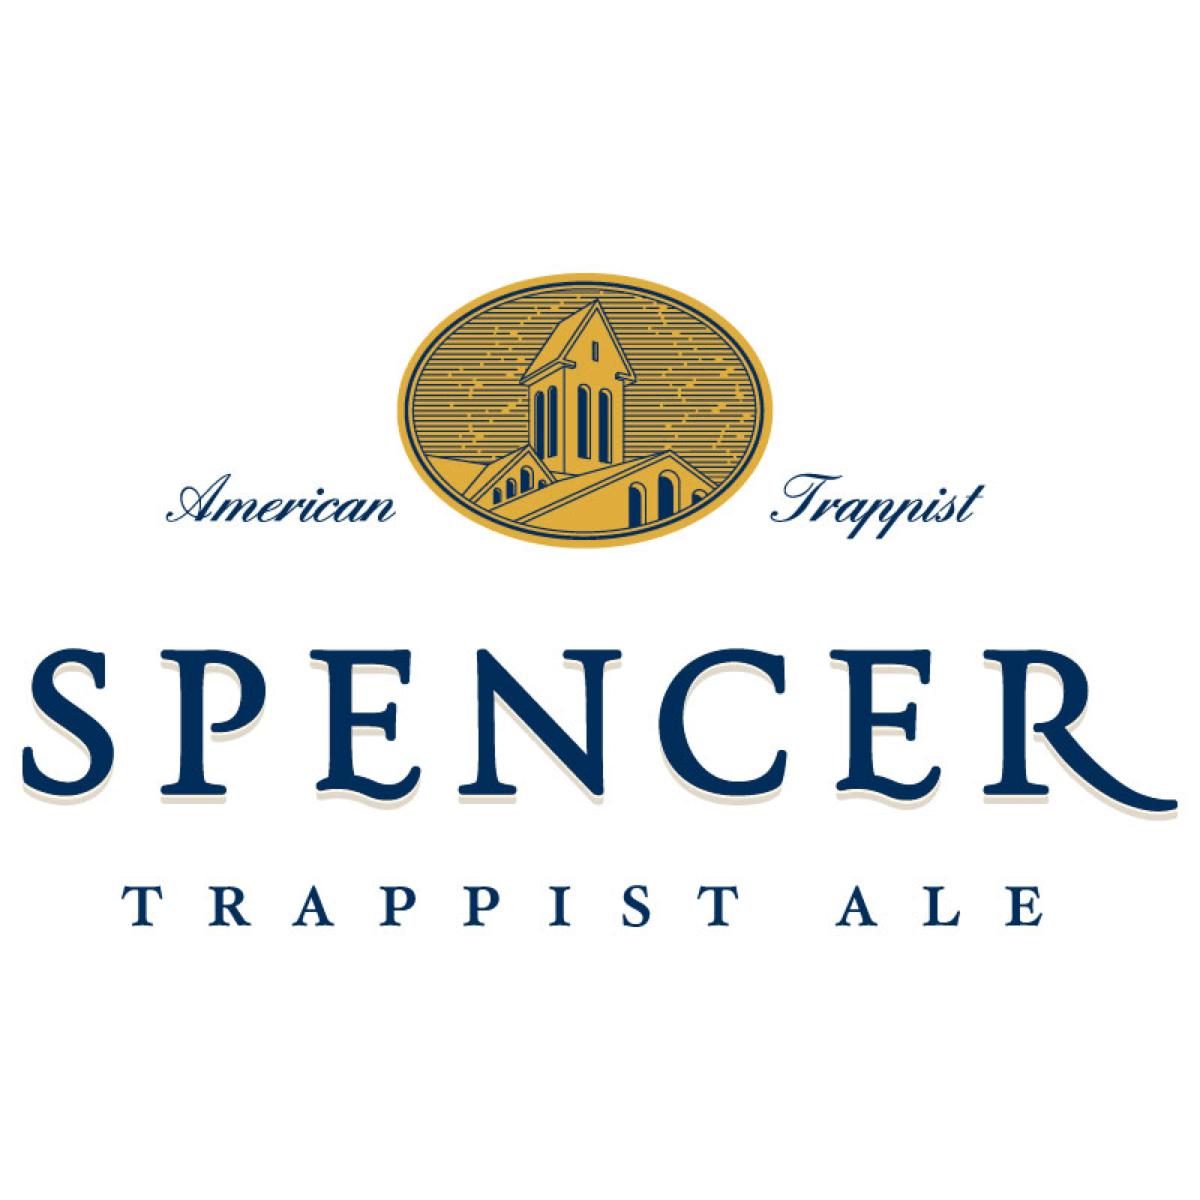 Ci dessus, le logo des bières de l'abbaye de Spencer